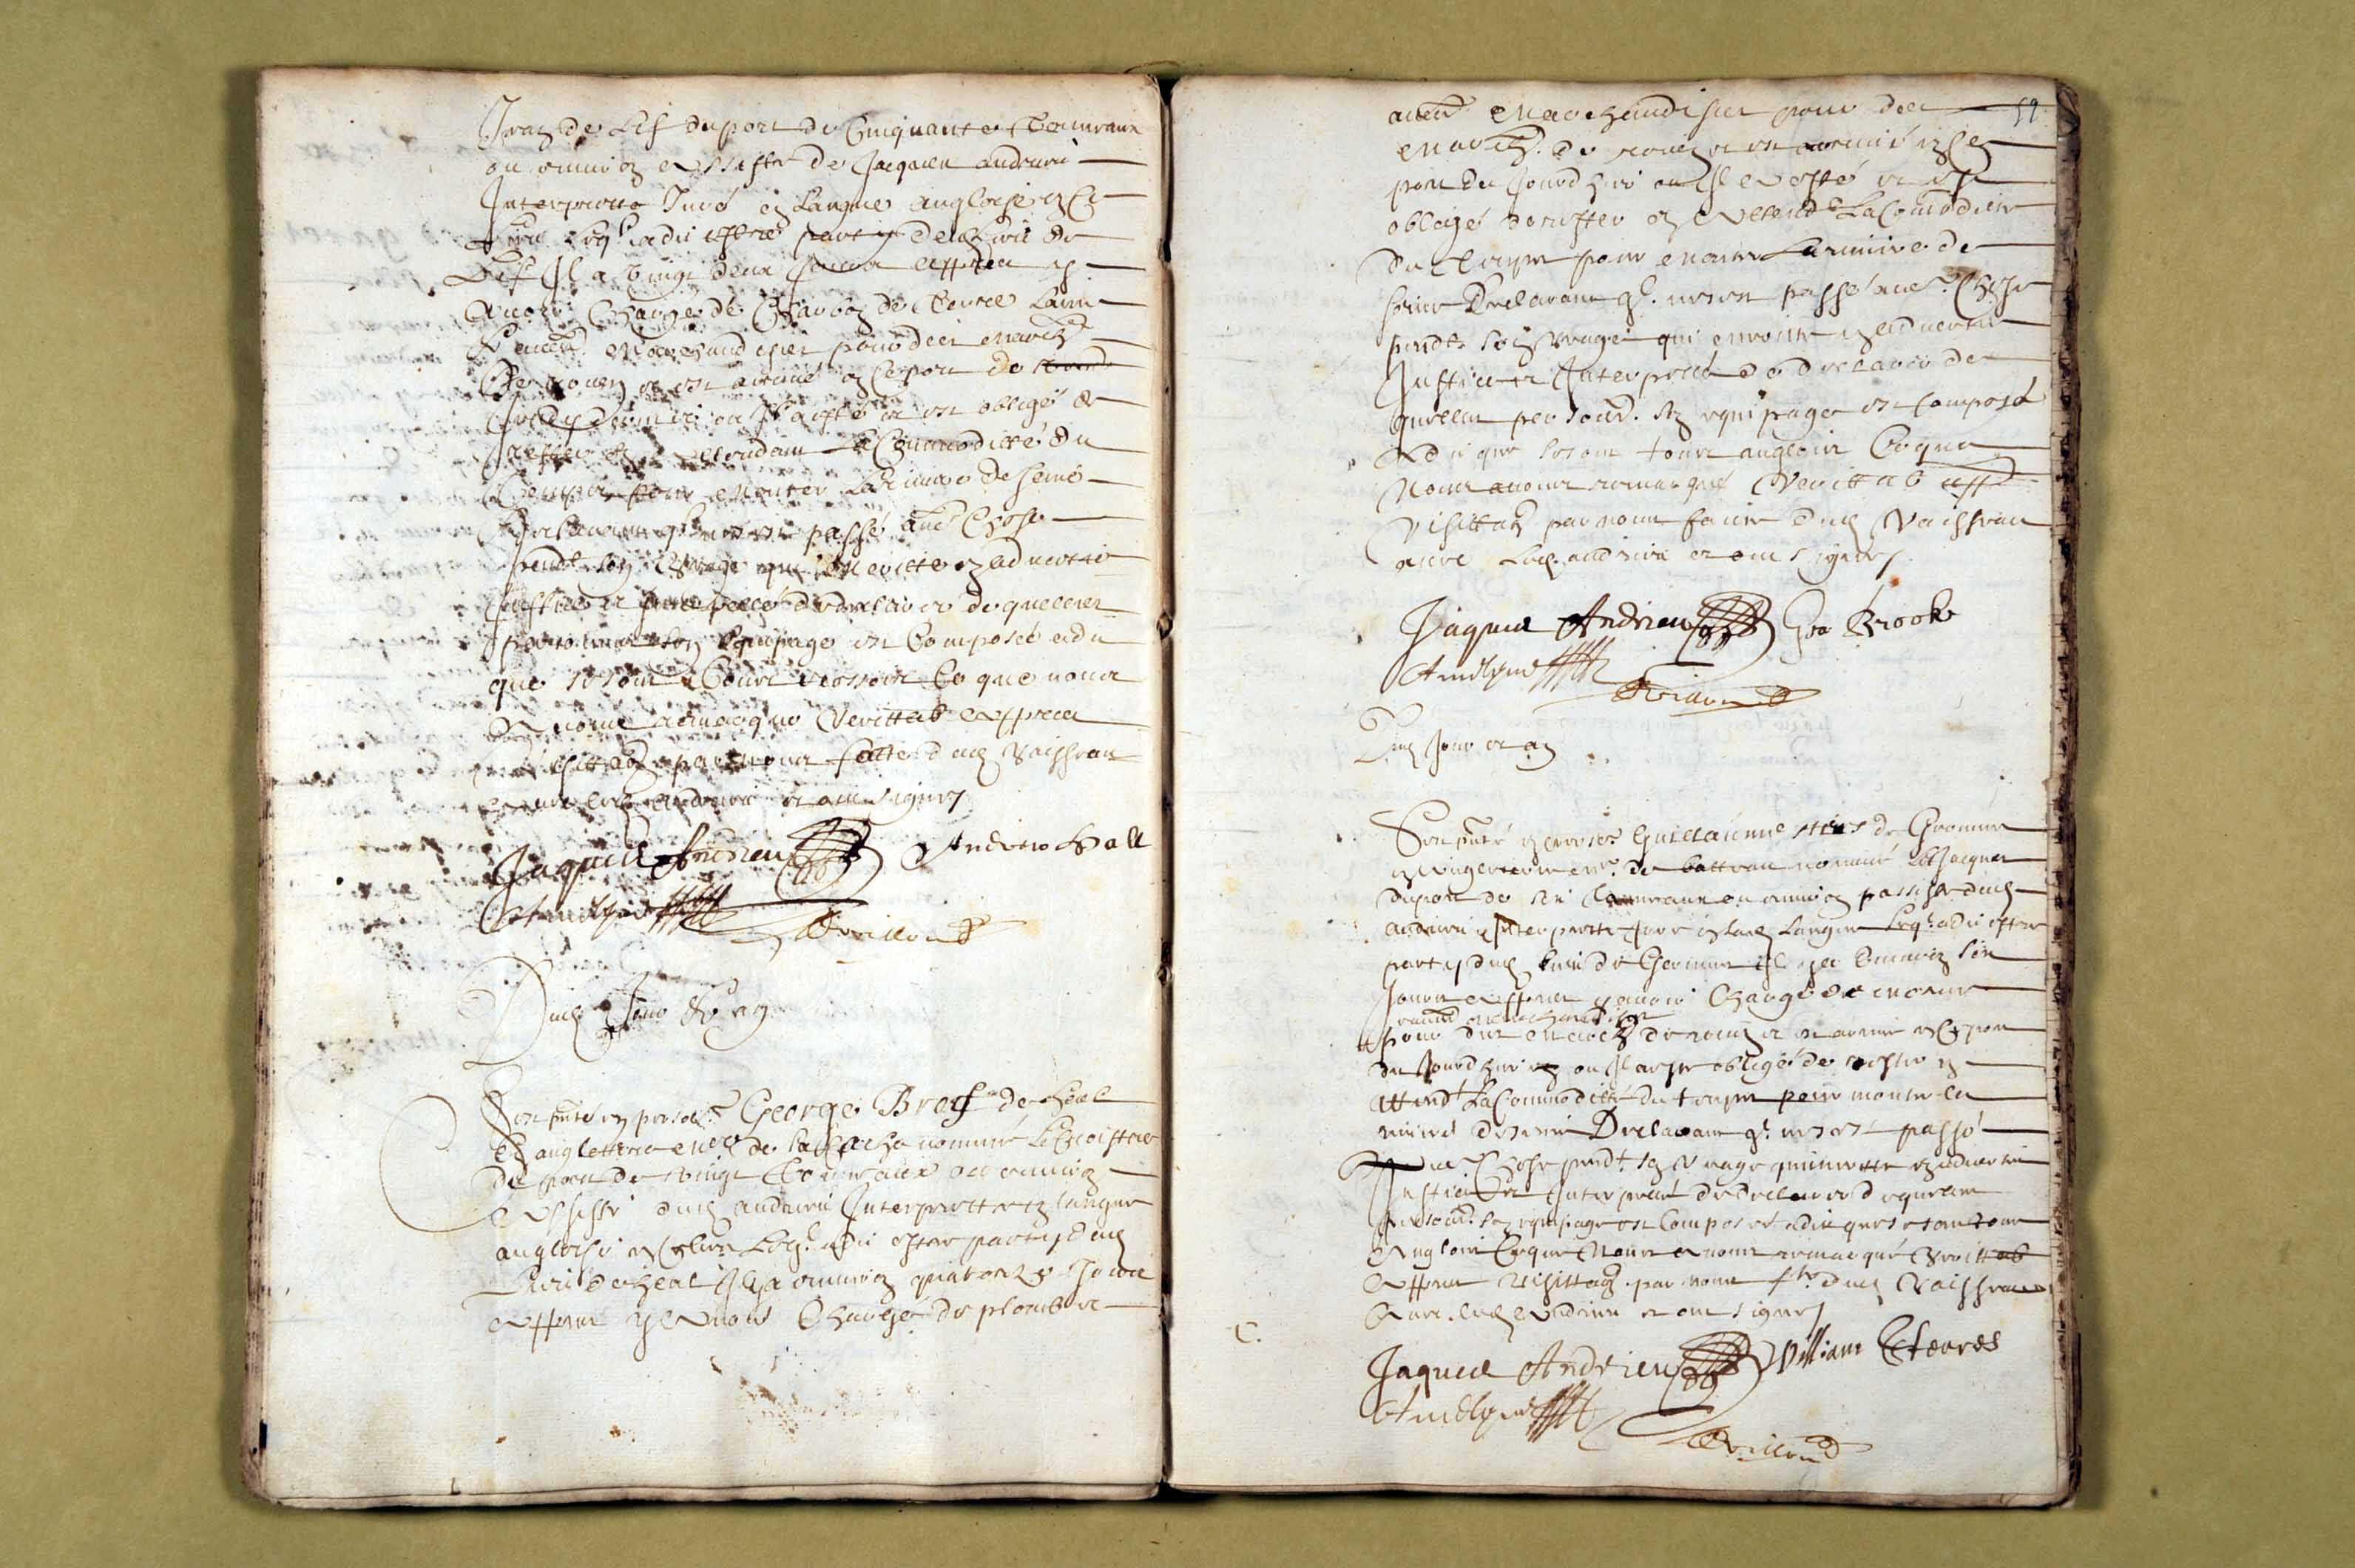 25 octobre 1670-5 avril 1672